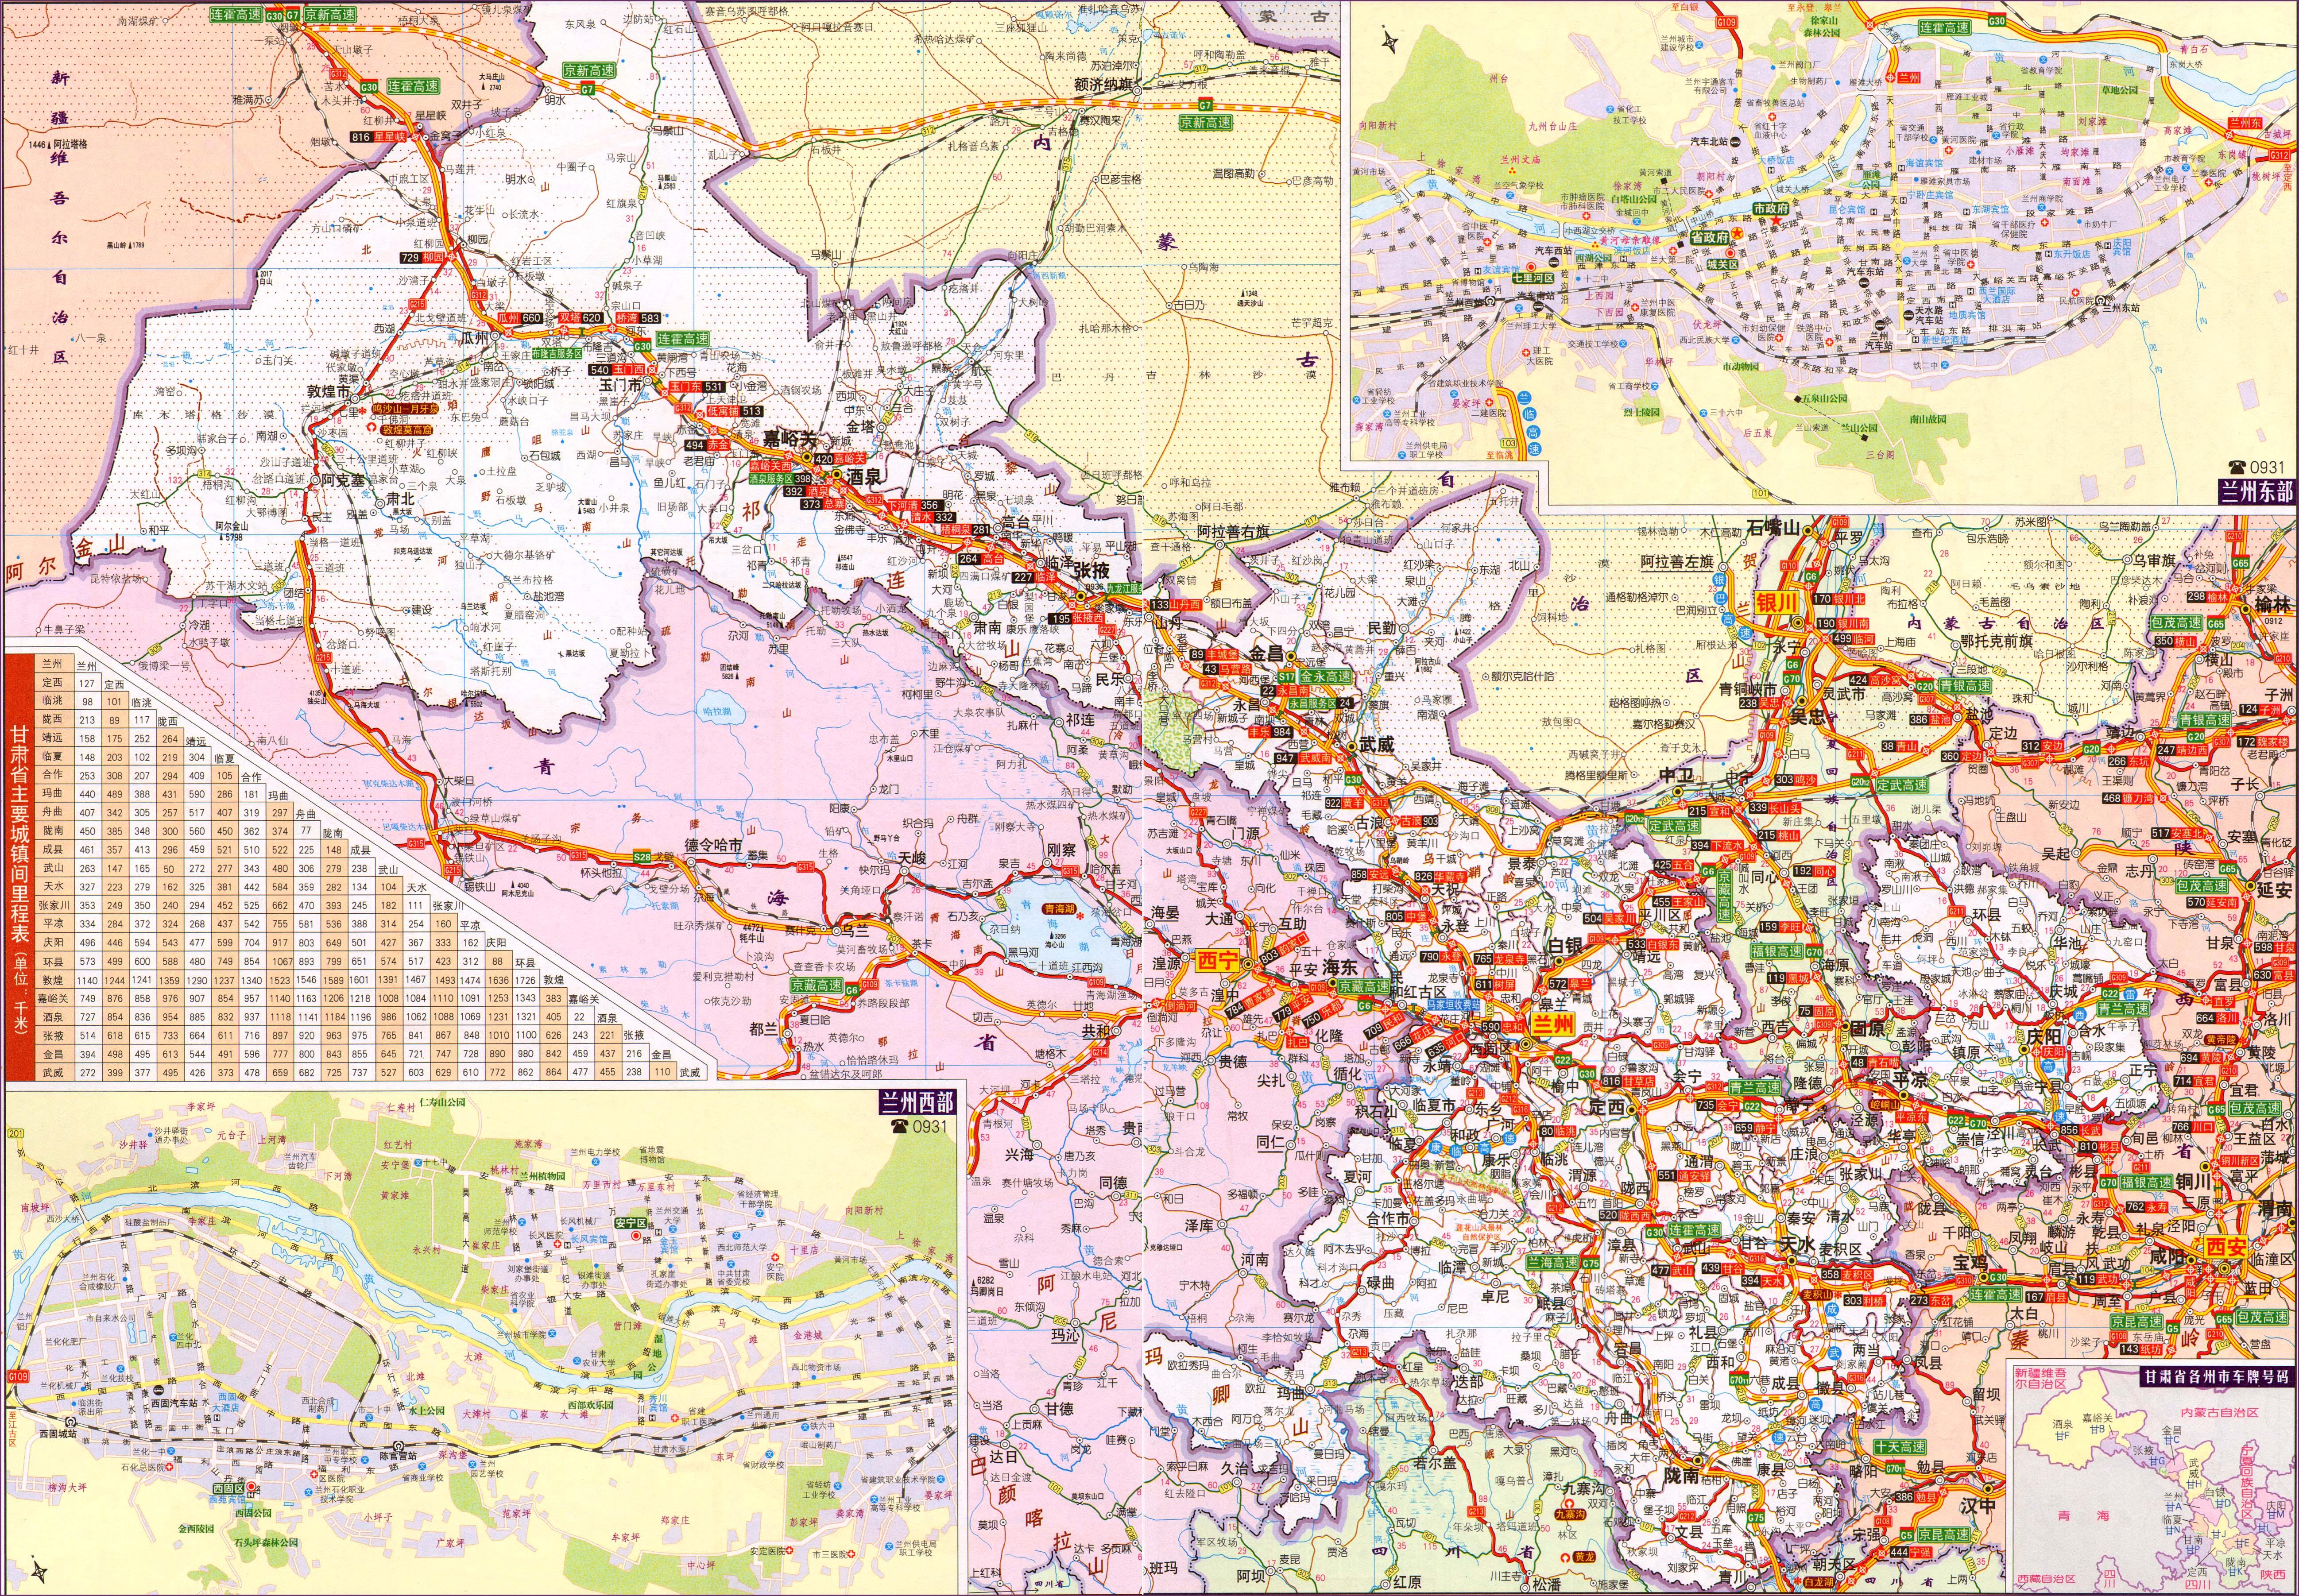 江苏高铁地图全图_甘肃省交通地图全图_交通地图库_地图窝